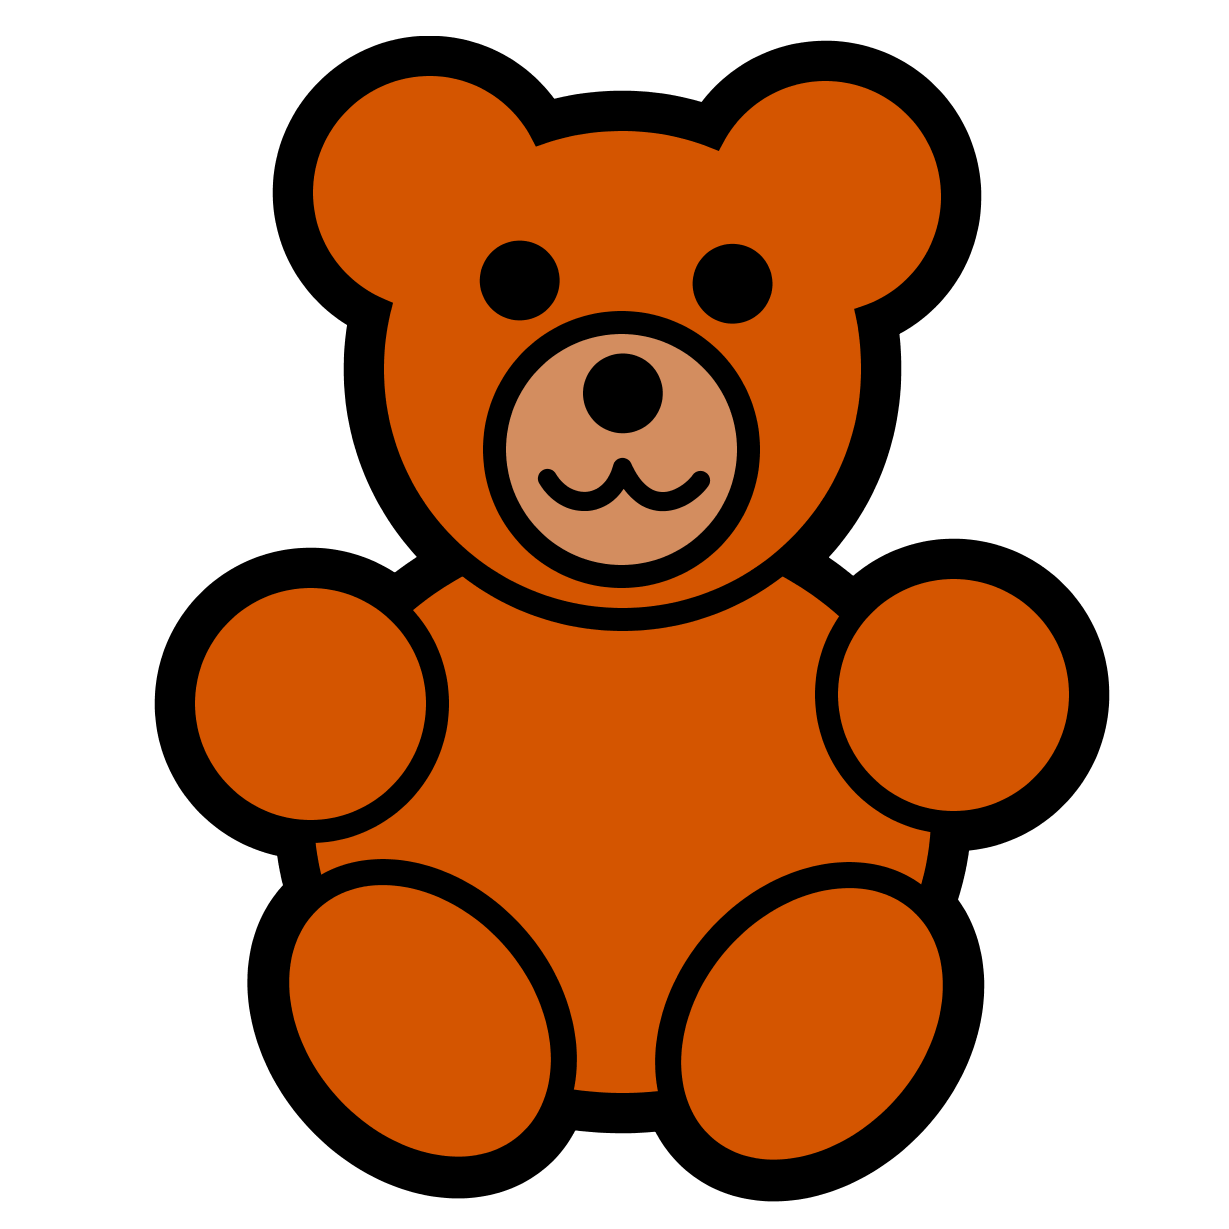 1229x1229 Teddy Bear Clip Art